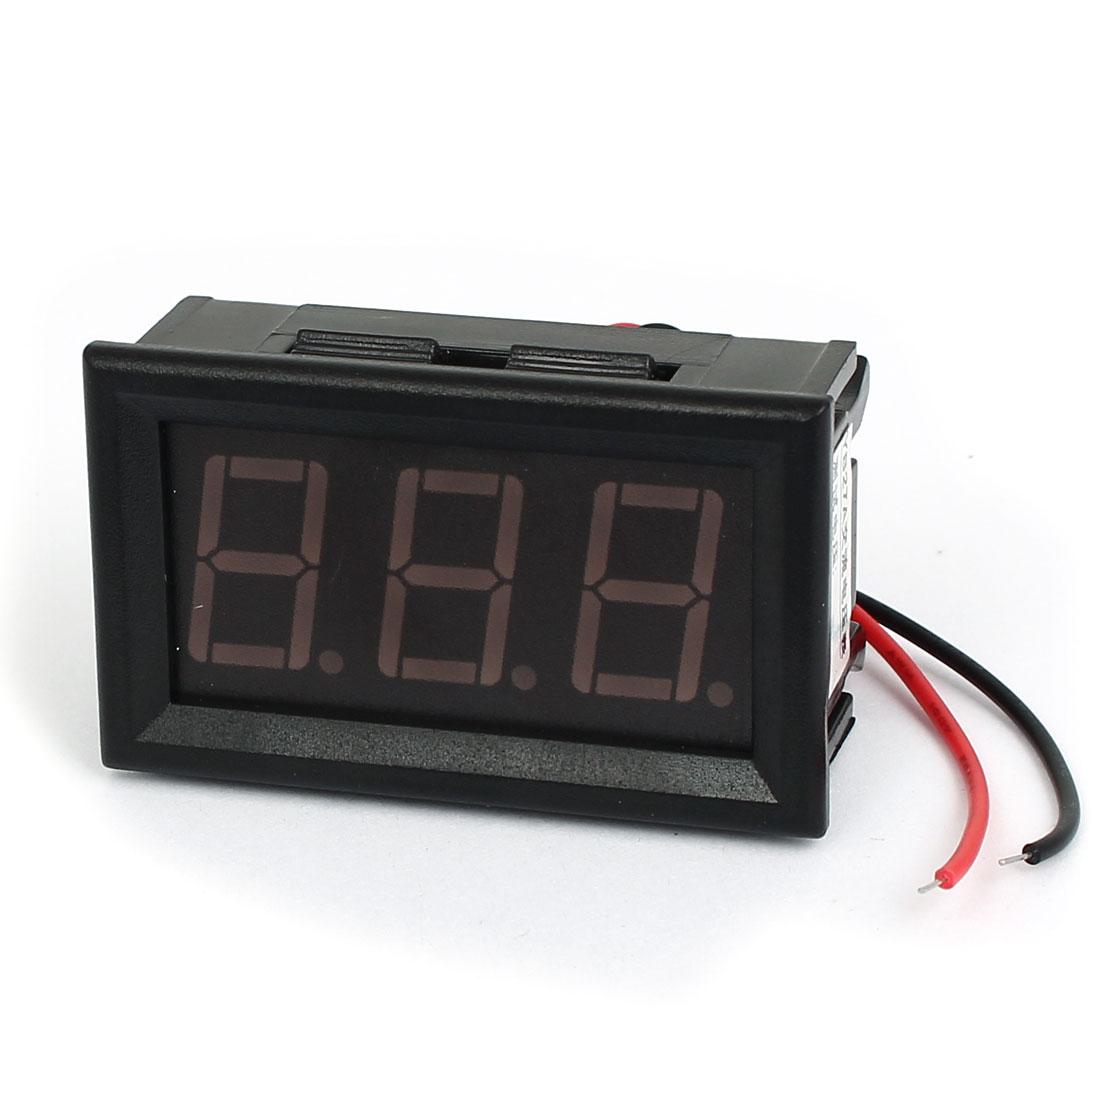 AC 60-500V 2 Wire Green Digital Display Rectangle Voltage Panel Meter Voltmeter